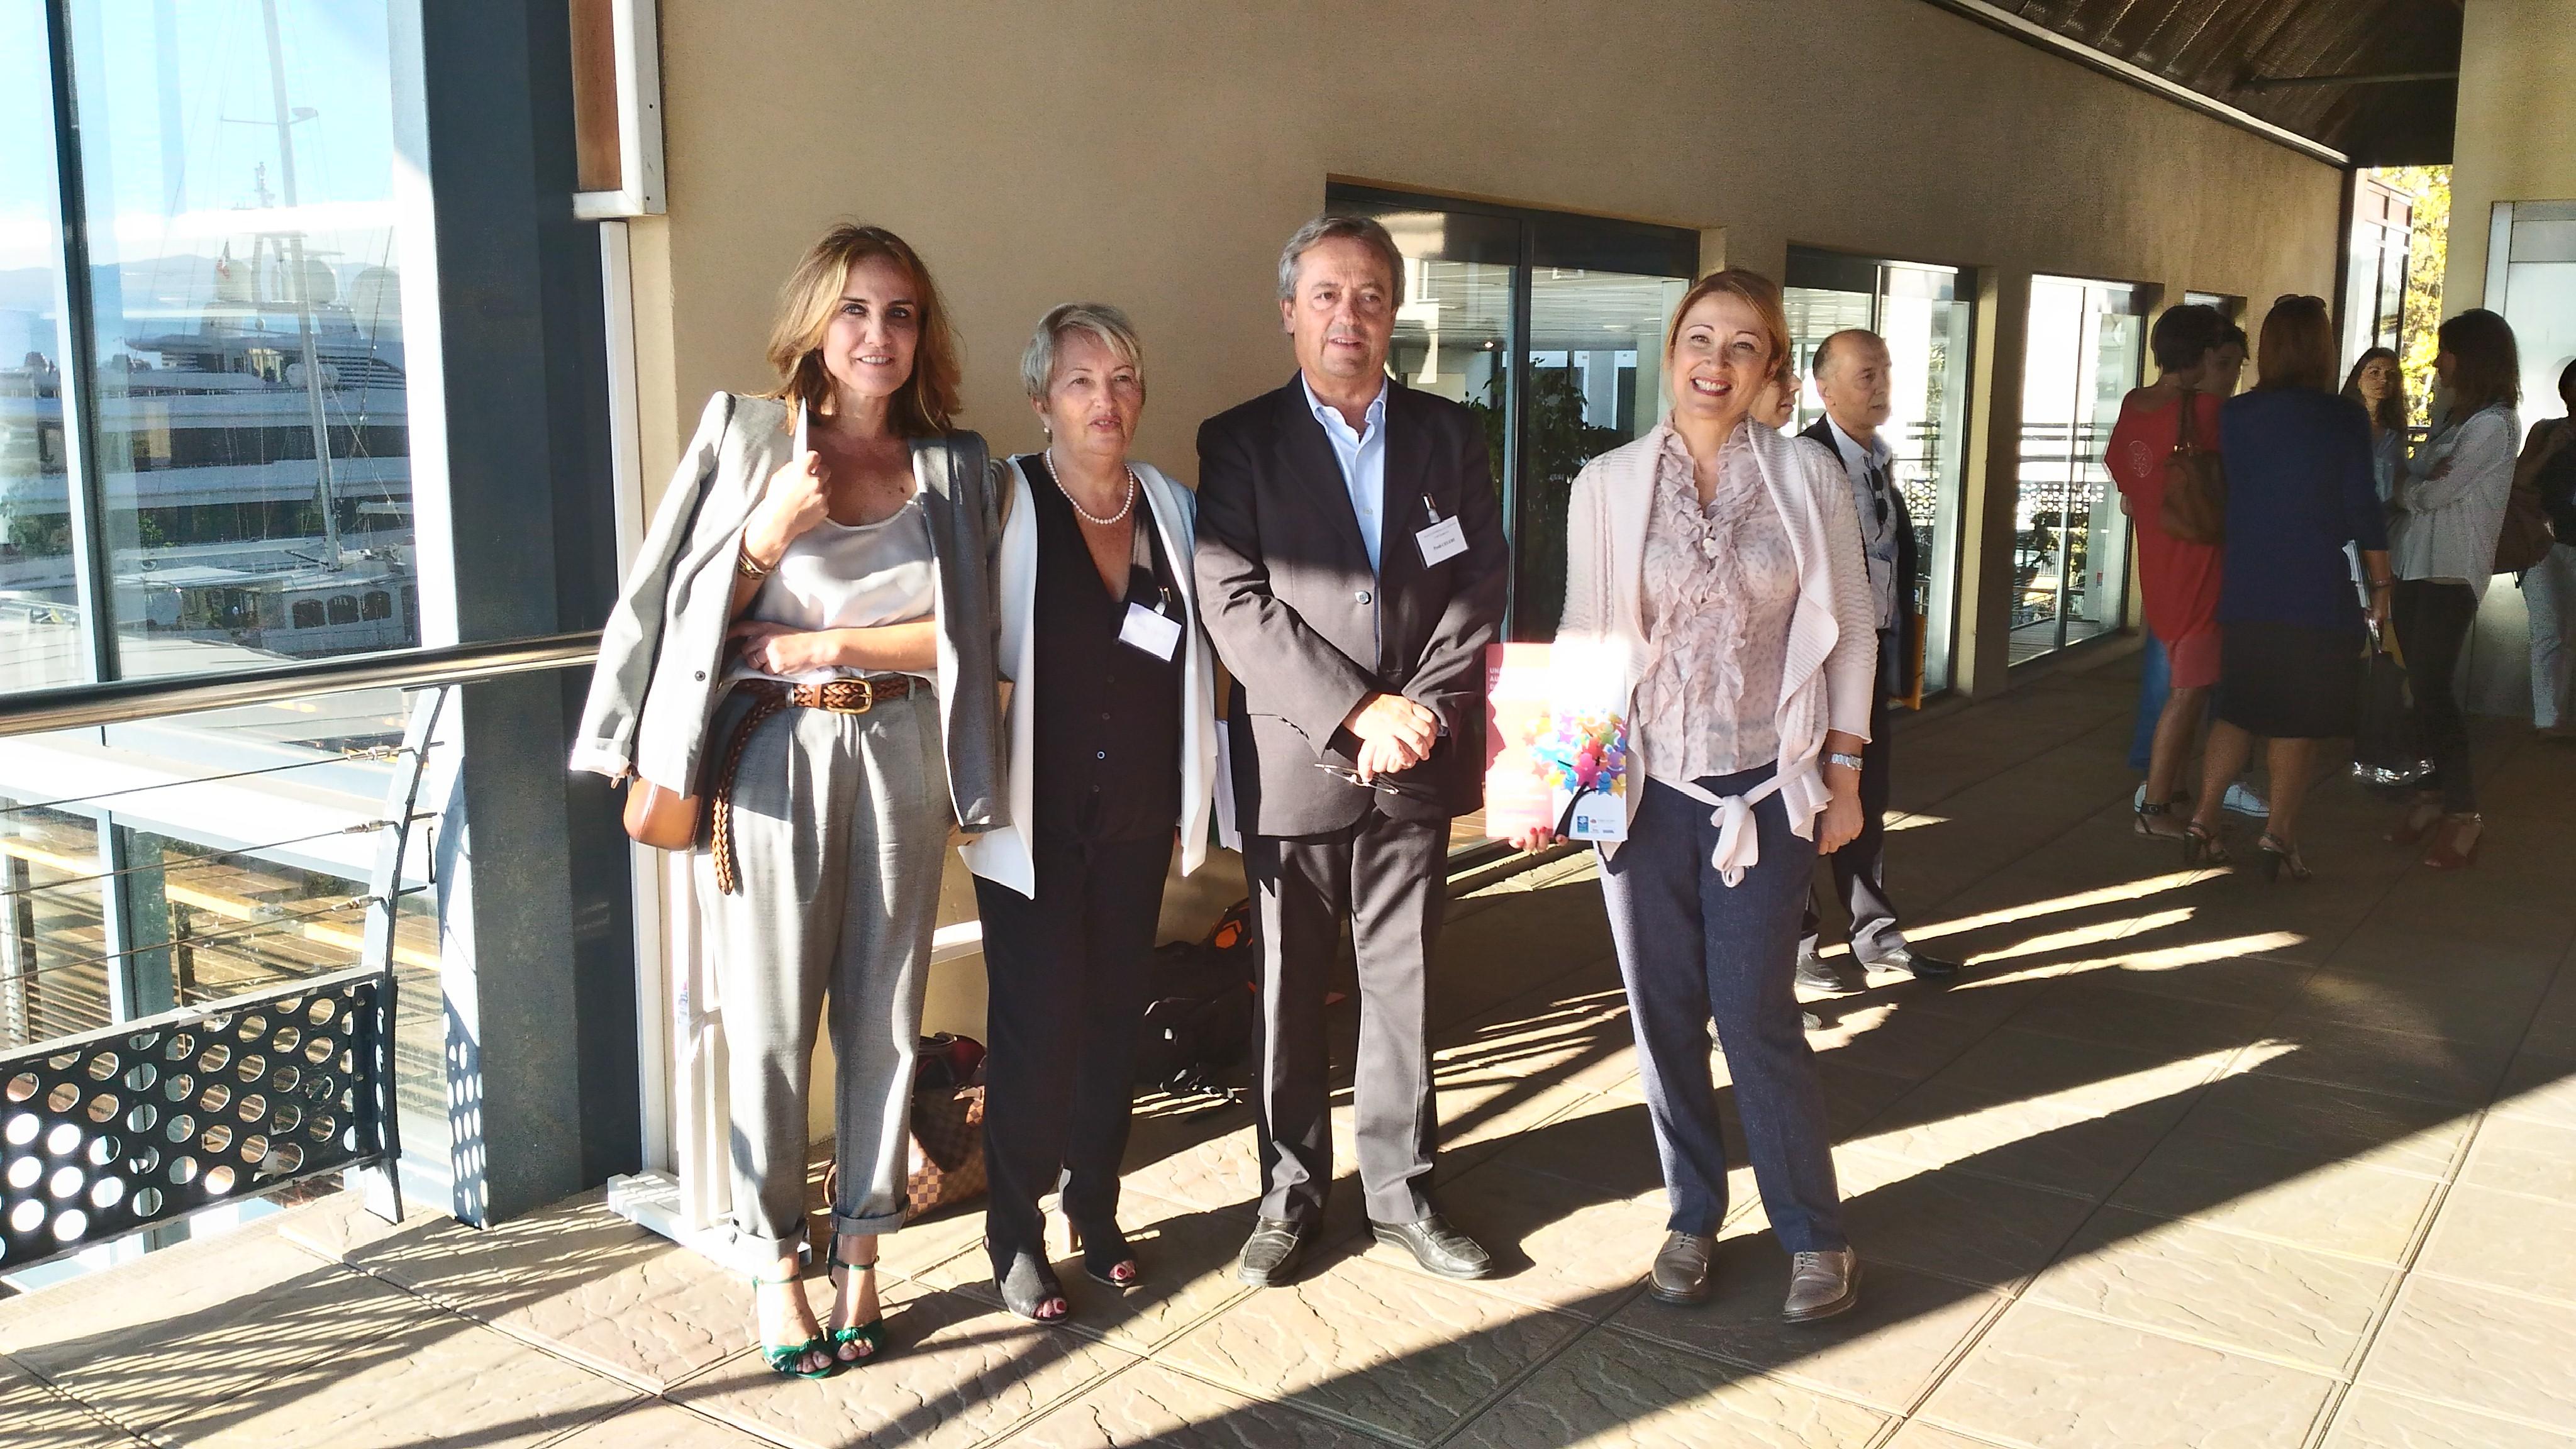 l'Adjointe au développement social Caroline Corticchiato aux côtés de l'Adjointe déléguée aux politiques familiales Annie Costa-Nivaggioli, de la Conseillère municipale déléguée au handicap et l'accessibilité Isabelle Feliciaggi ainsi que du Directeur de la CAF de Corse-du-sud monsieur Paul Celeri.